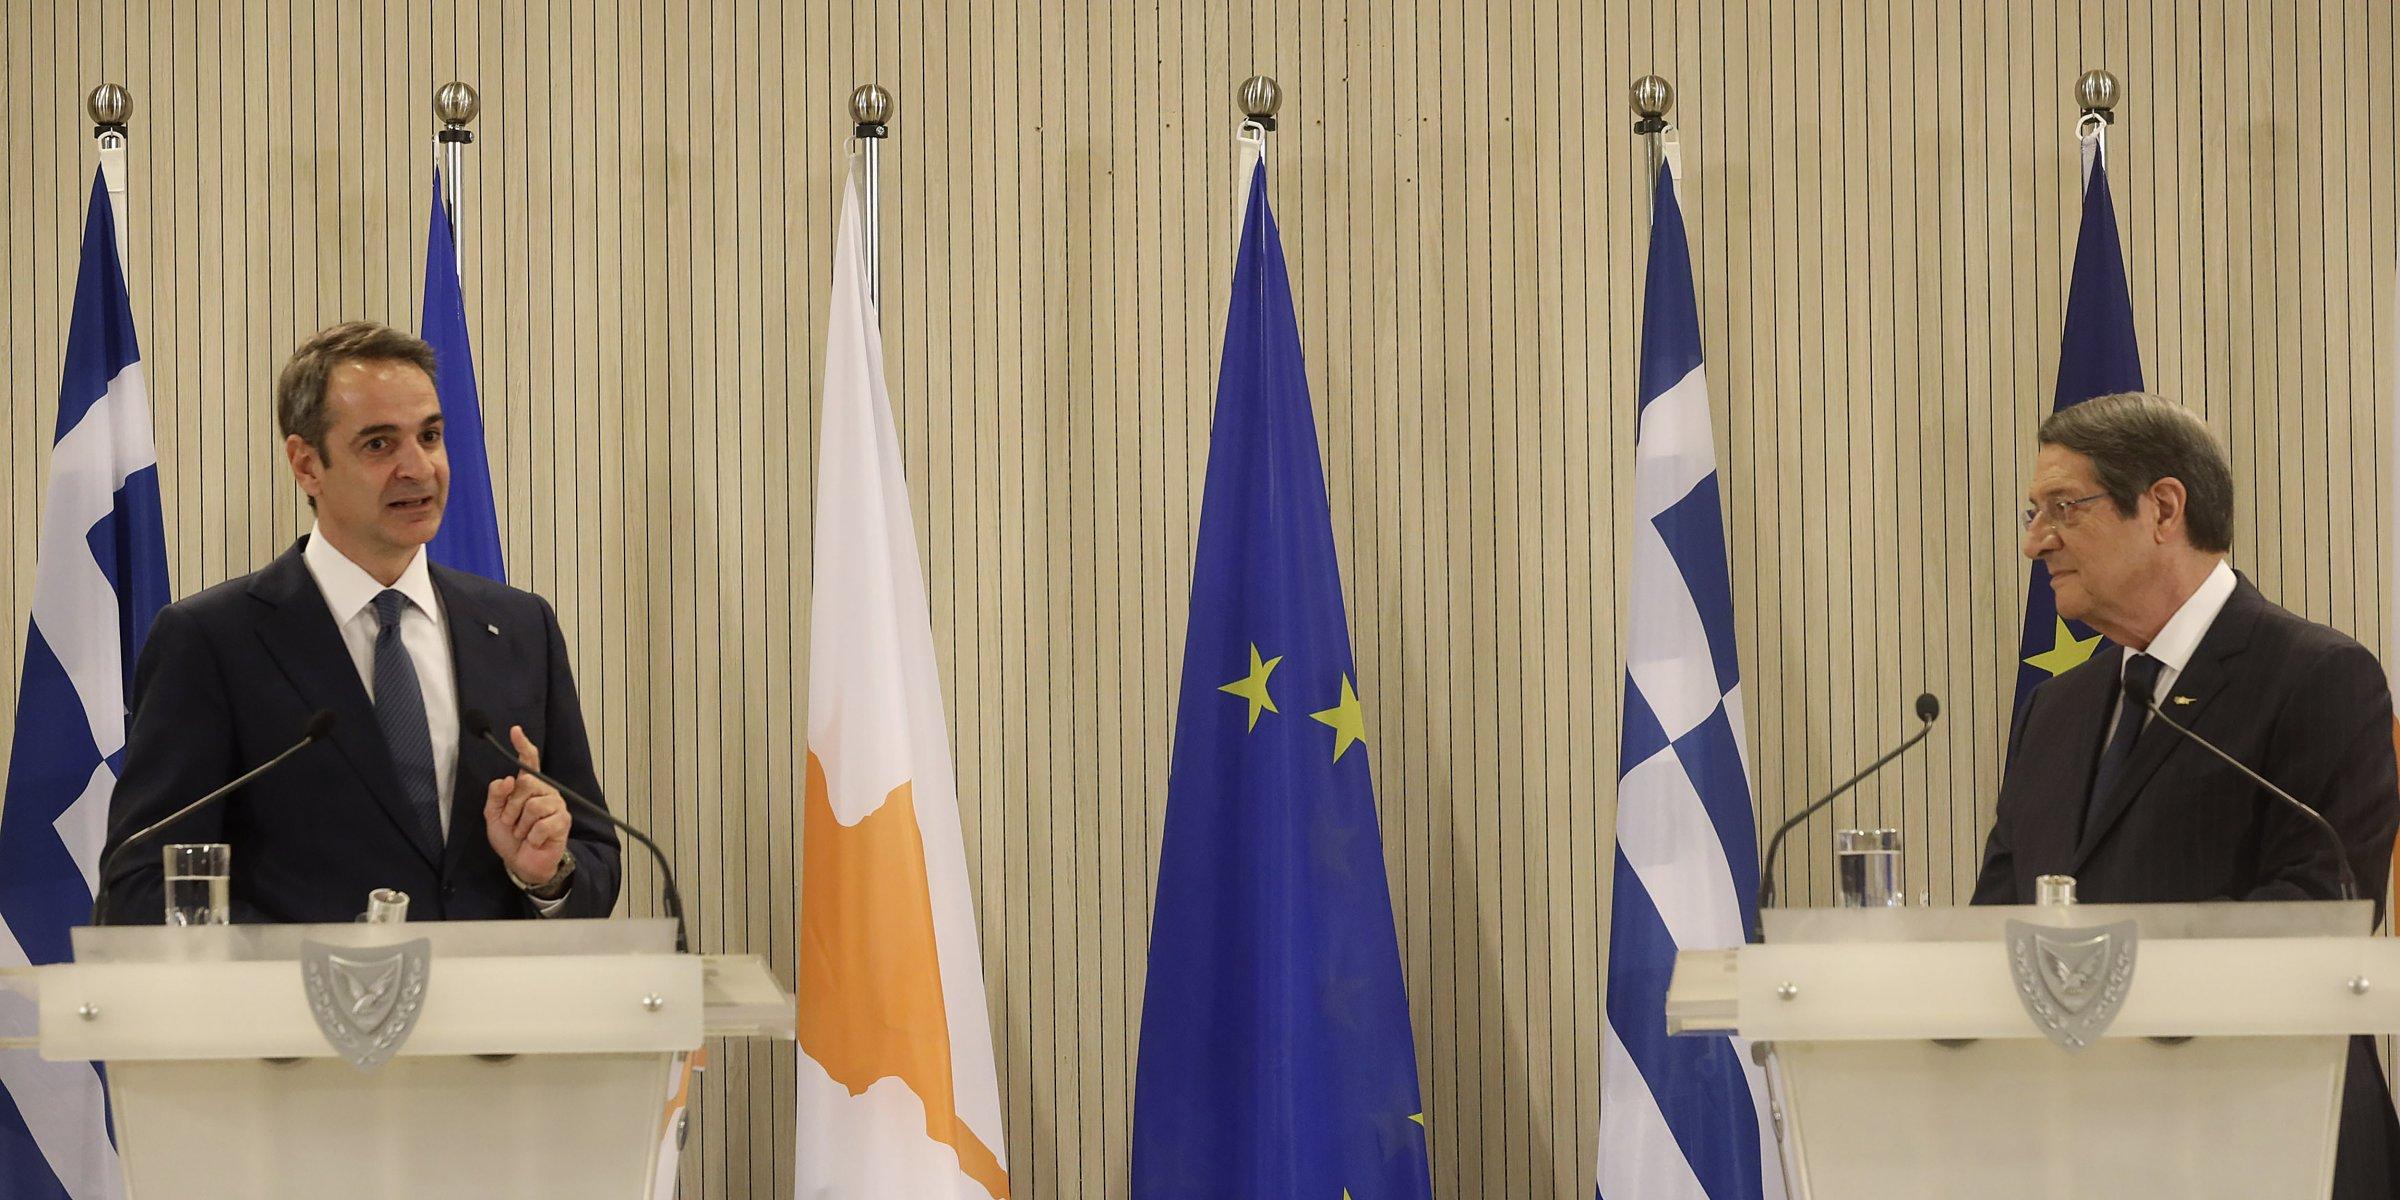 Η ελληνική πλευρά πιέζει για ομοσπονδιακή λύση στο Κυπριακό